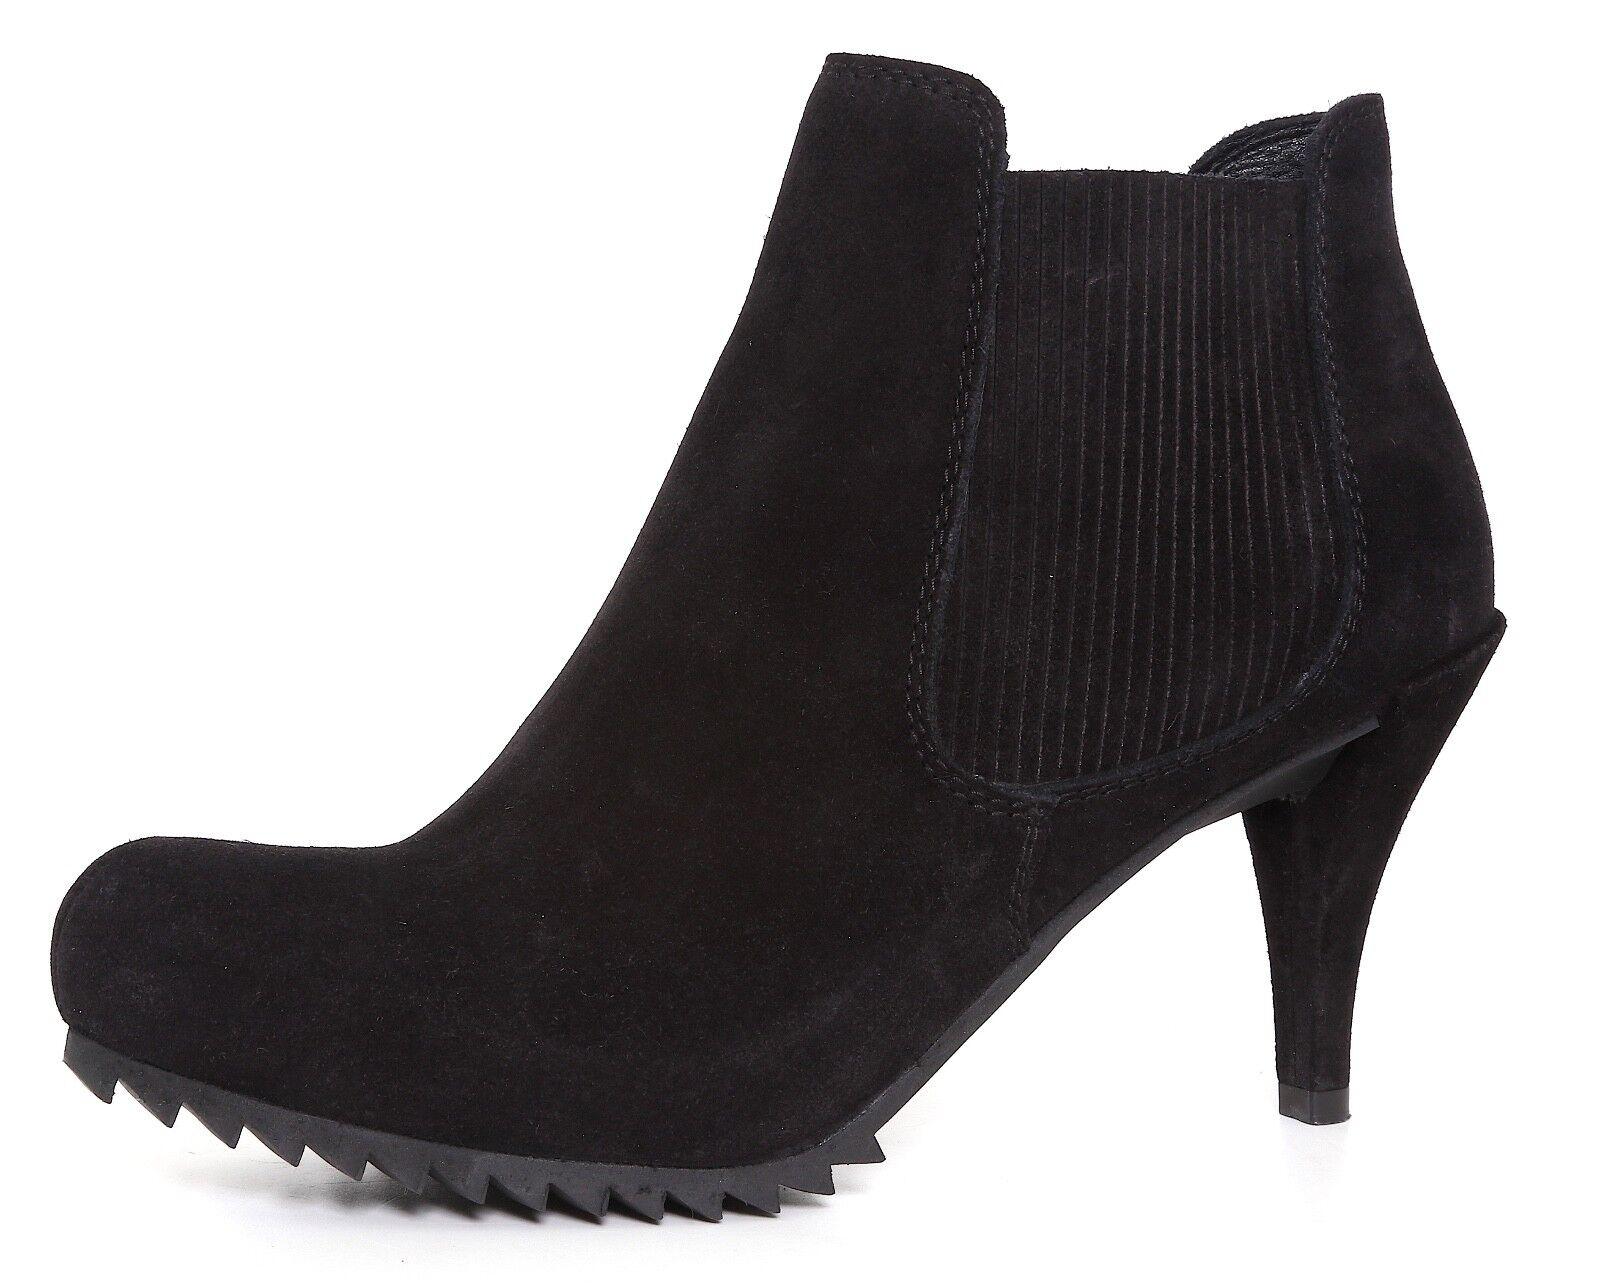 Pedro Garcia Cara Castgold High Heel Suede Suede Suede Chelsea Boots Black Sz 40.5 EUR 4029 99f8c3